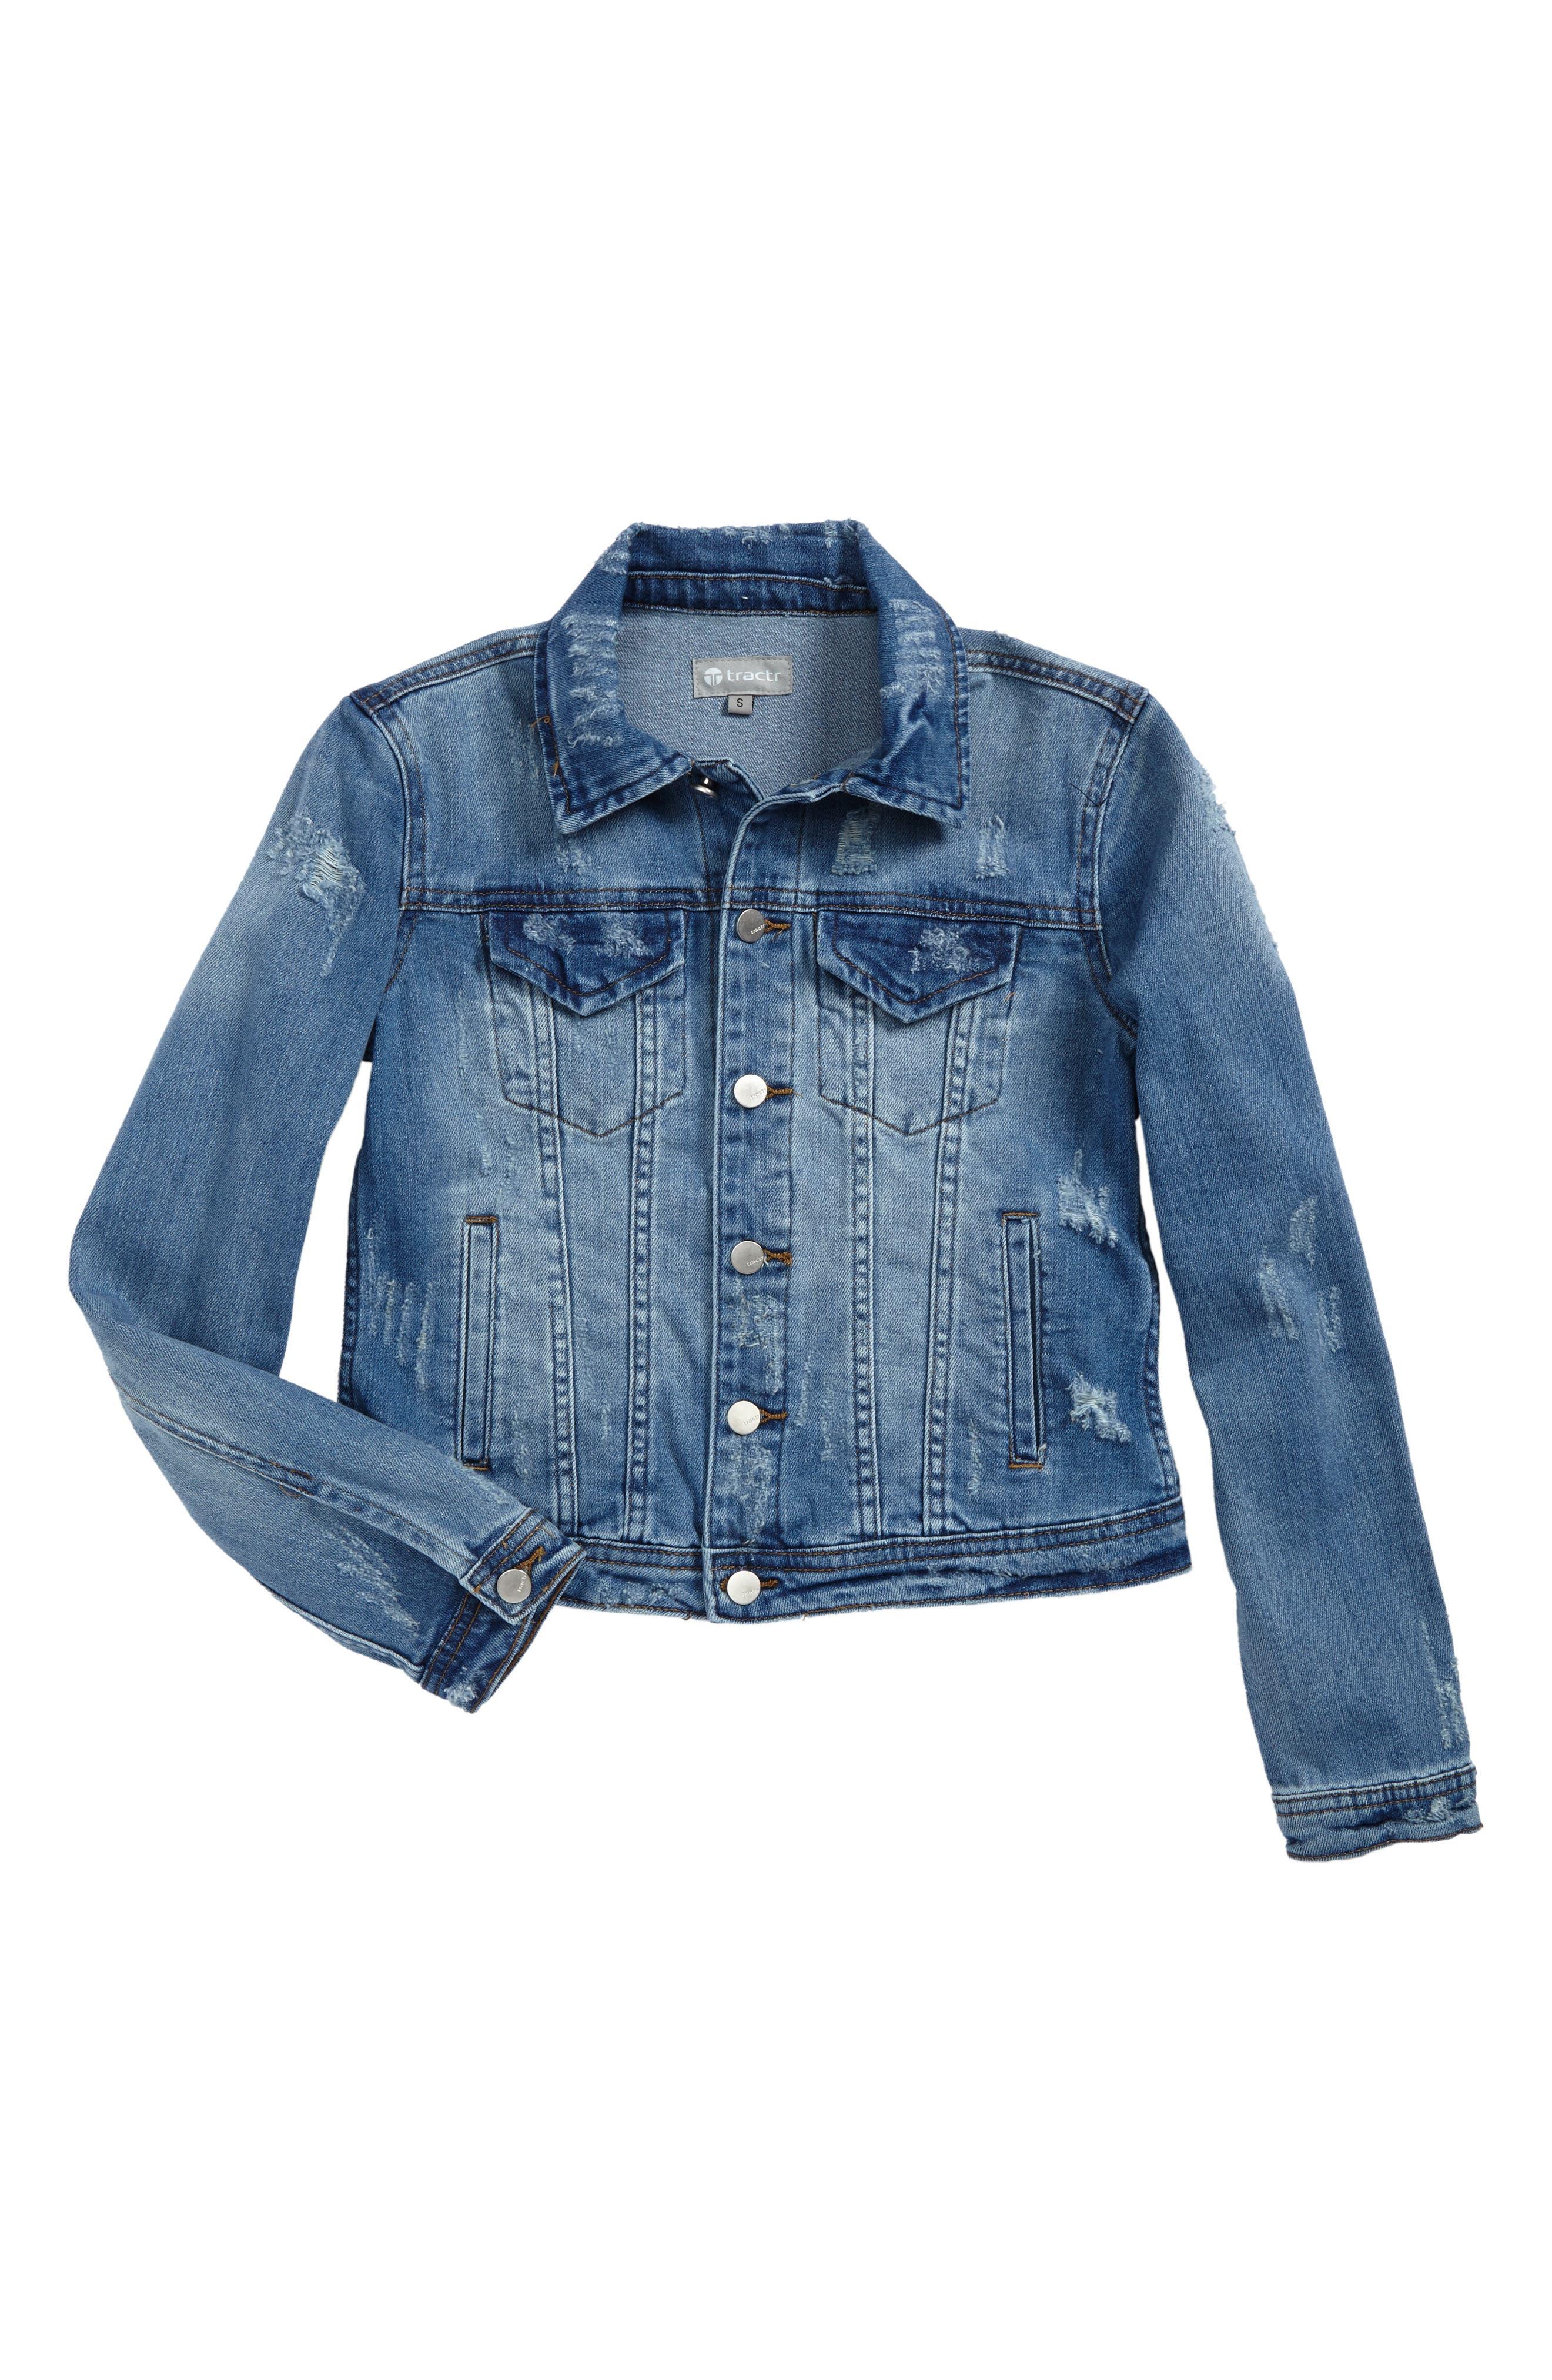 Tractr Decon Denim Jacket (Big Girls)